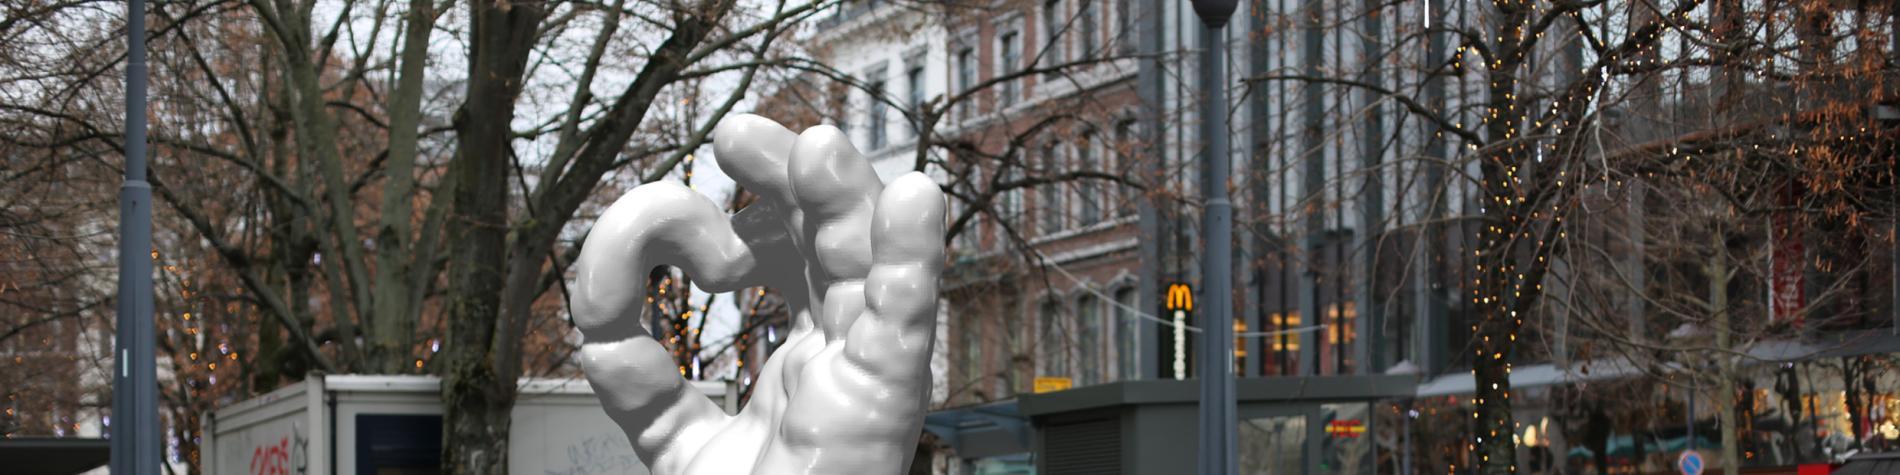 Statue de main géante en forme de ok